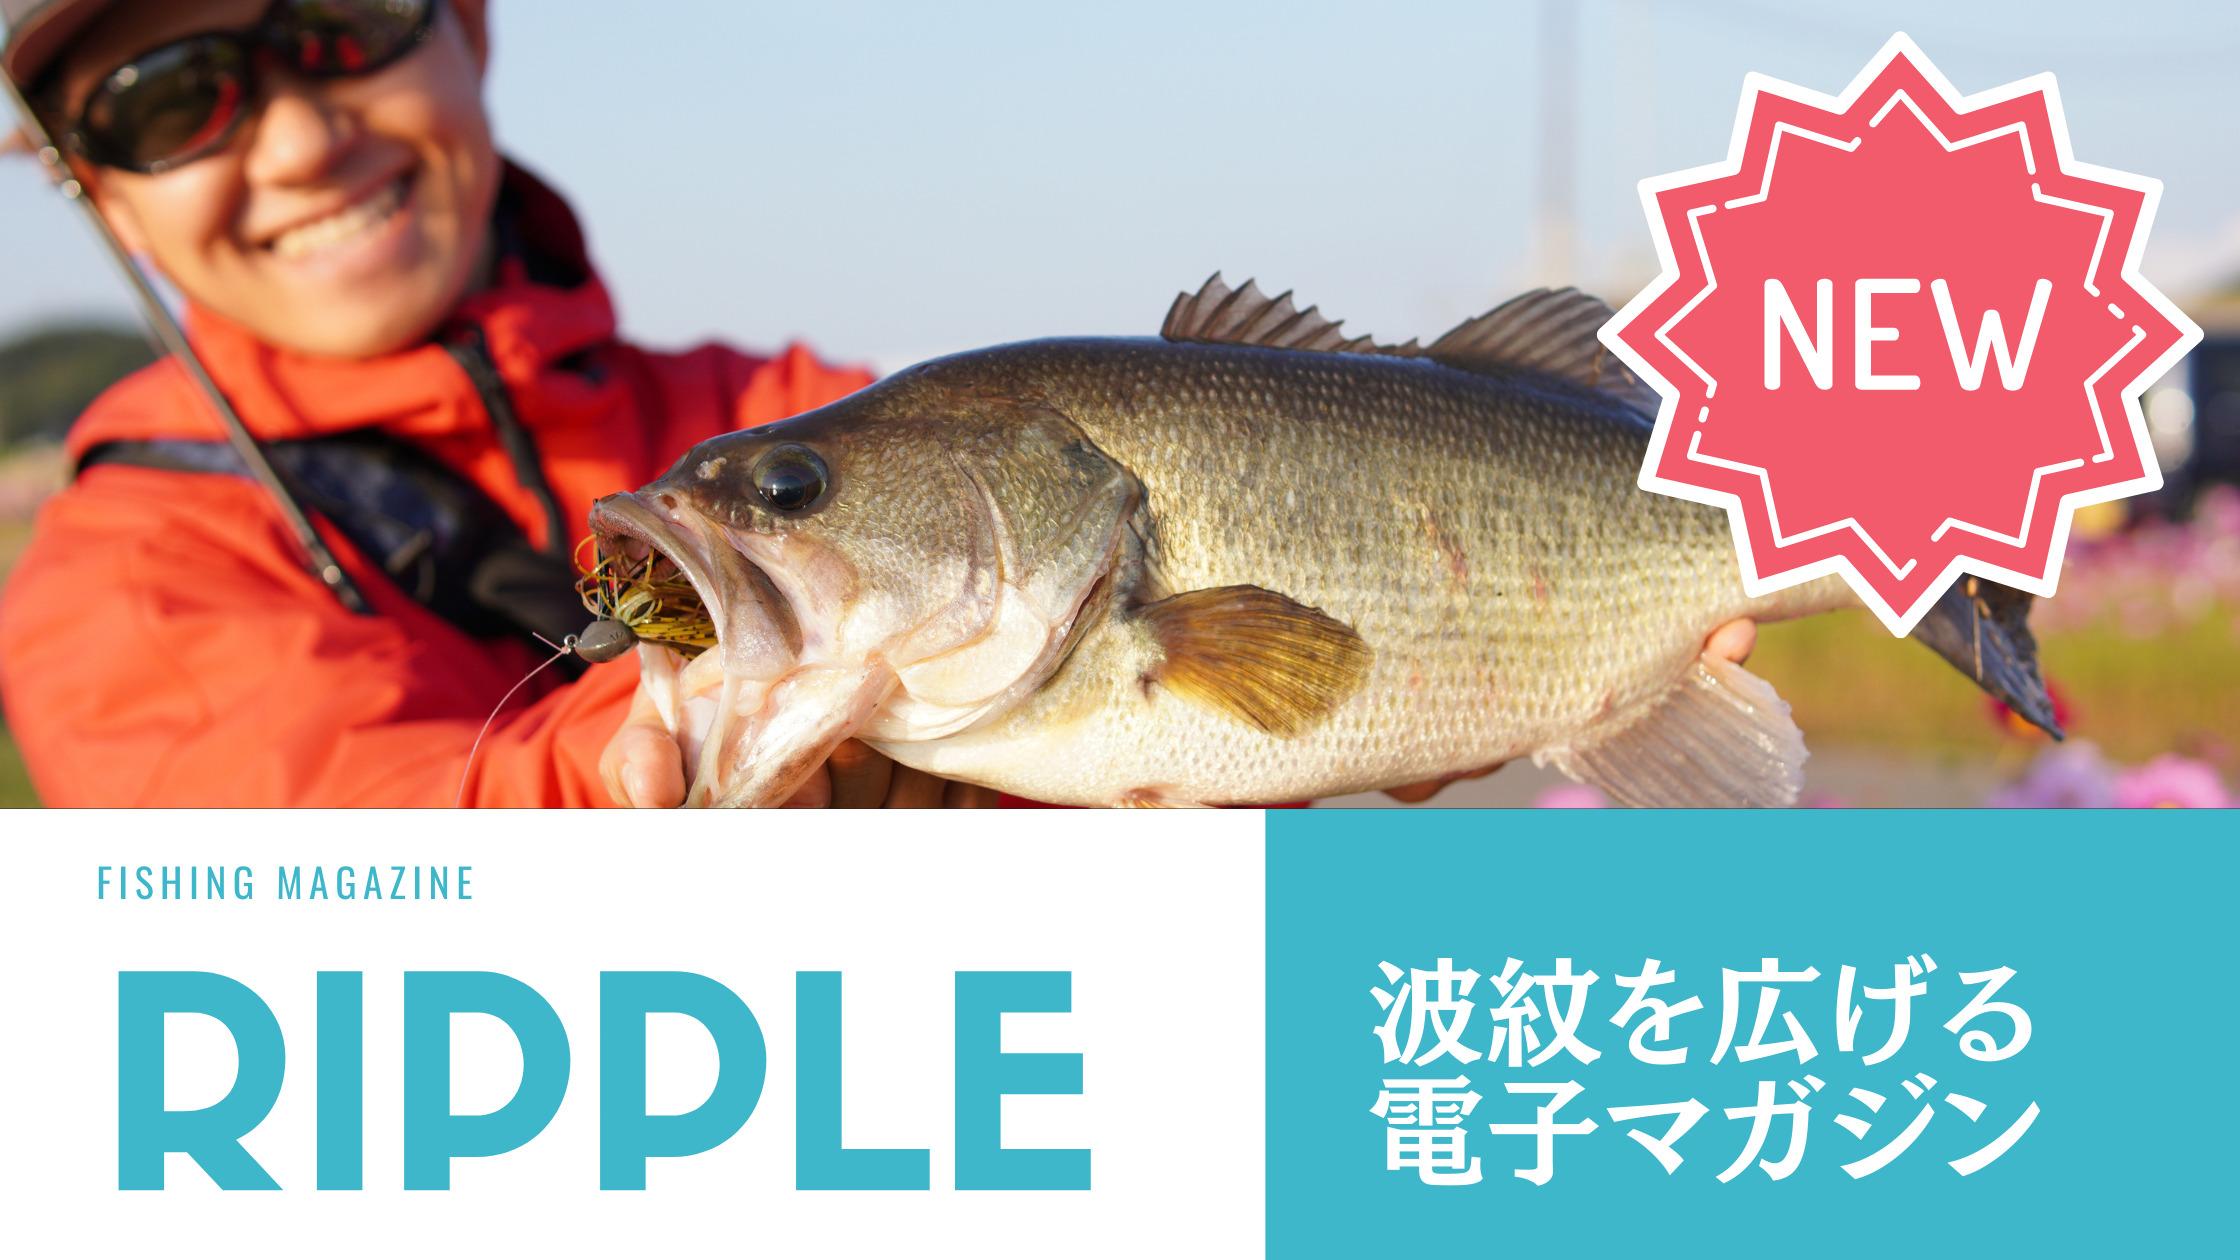 「スマホとPCがあれば無料で読める!」魚釣りと人との関係を追い求めるフリーマガジン「RIPPLE」を配信開始